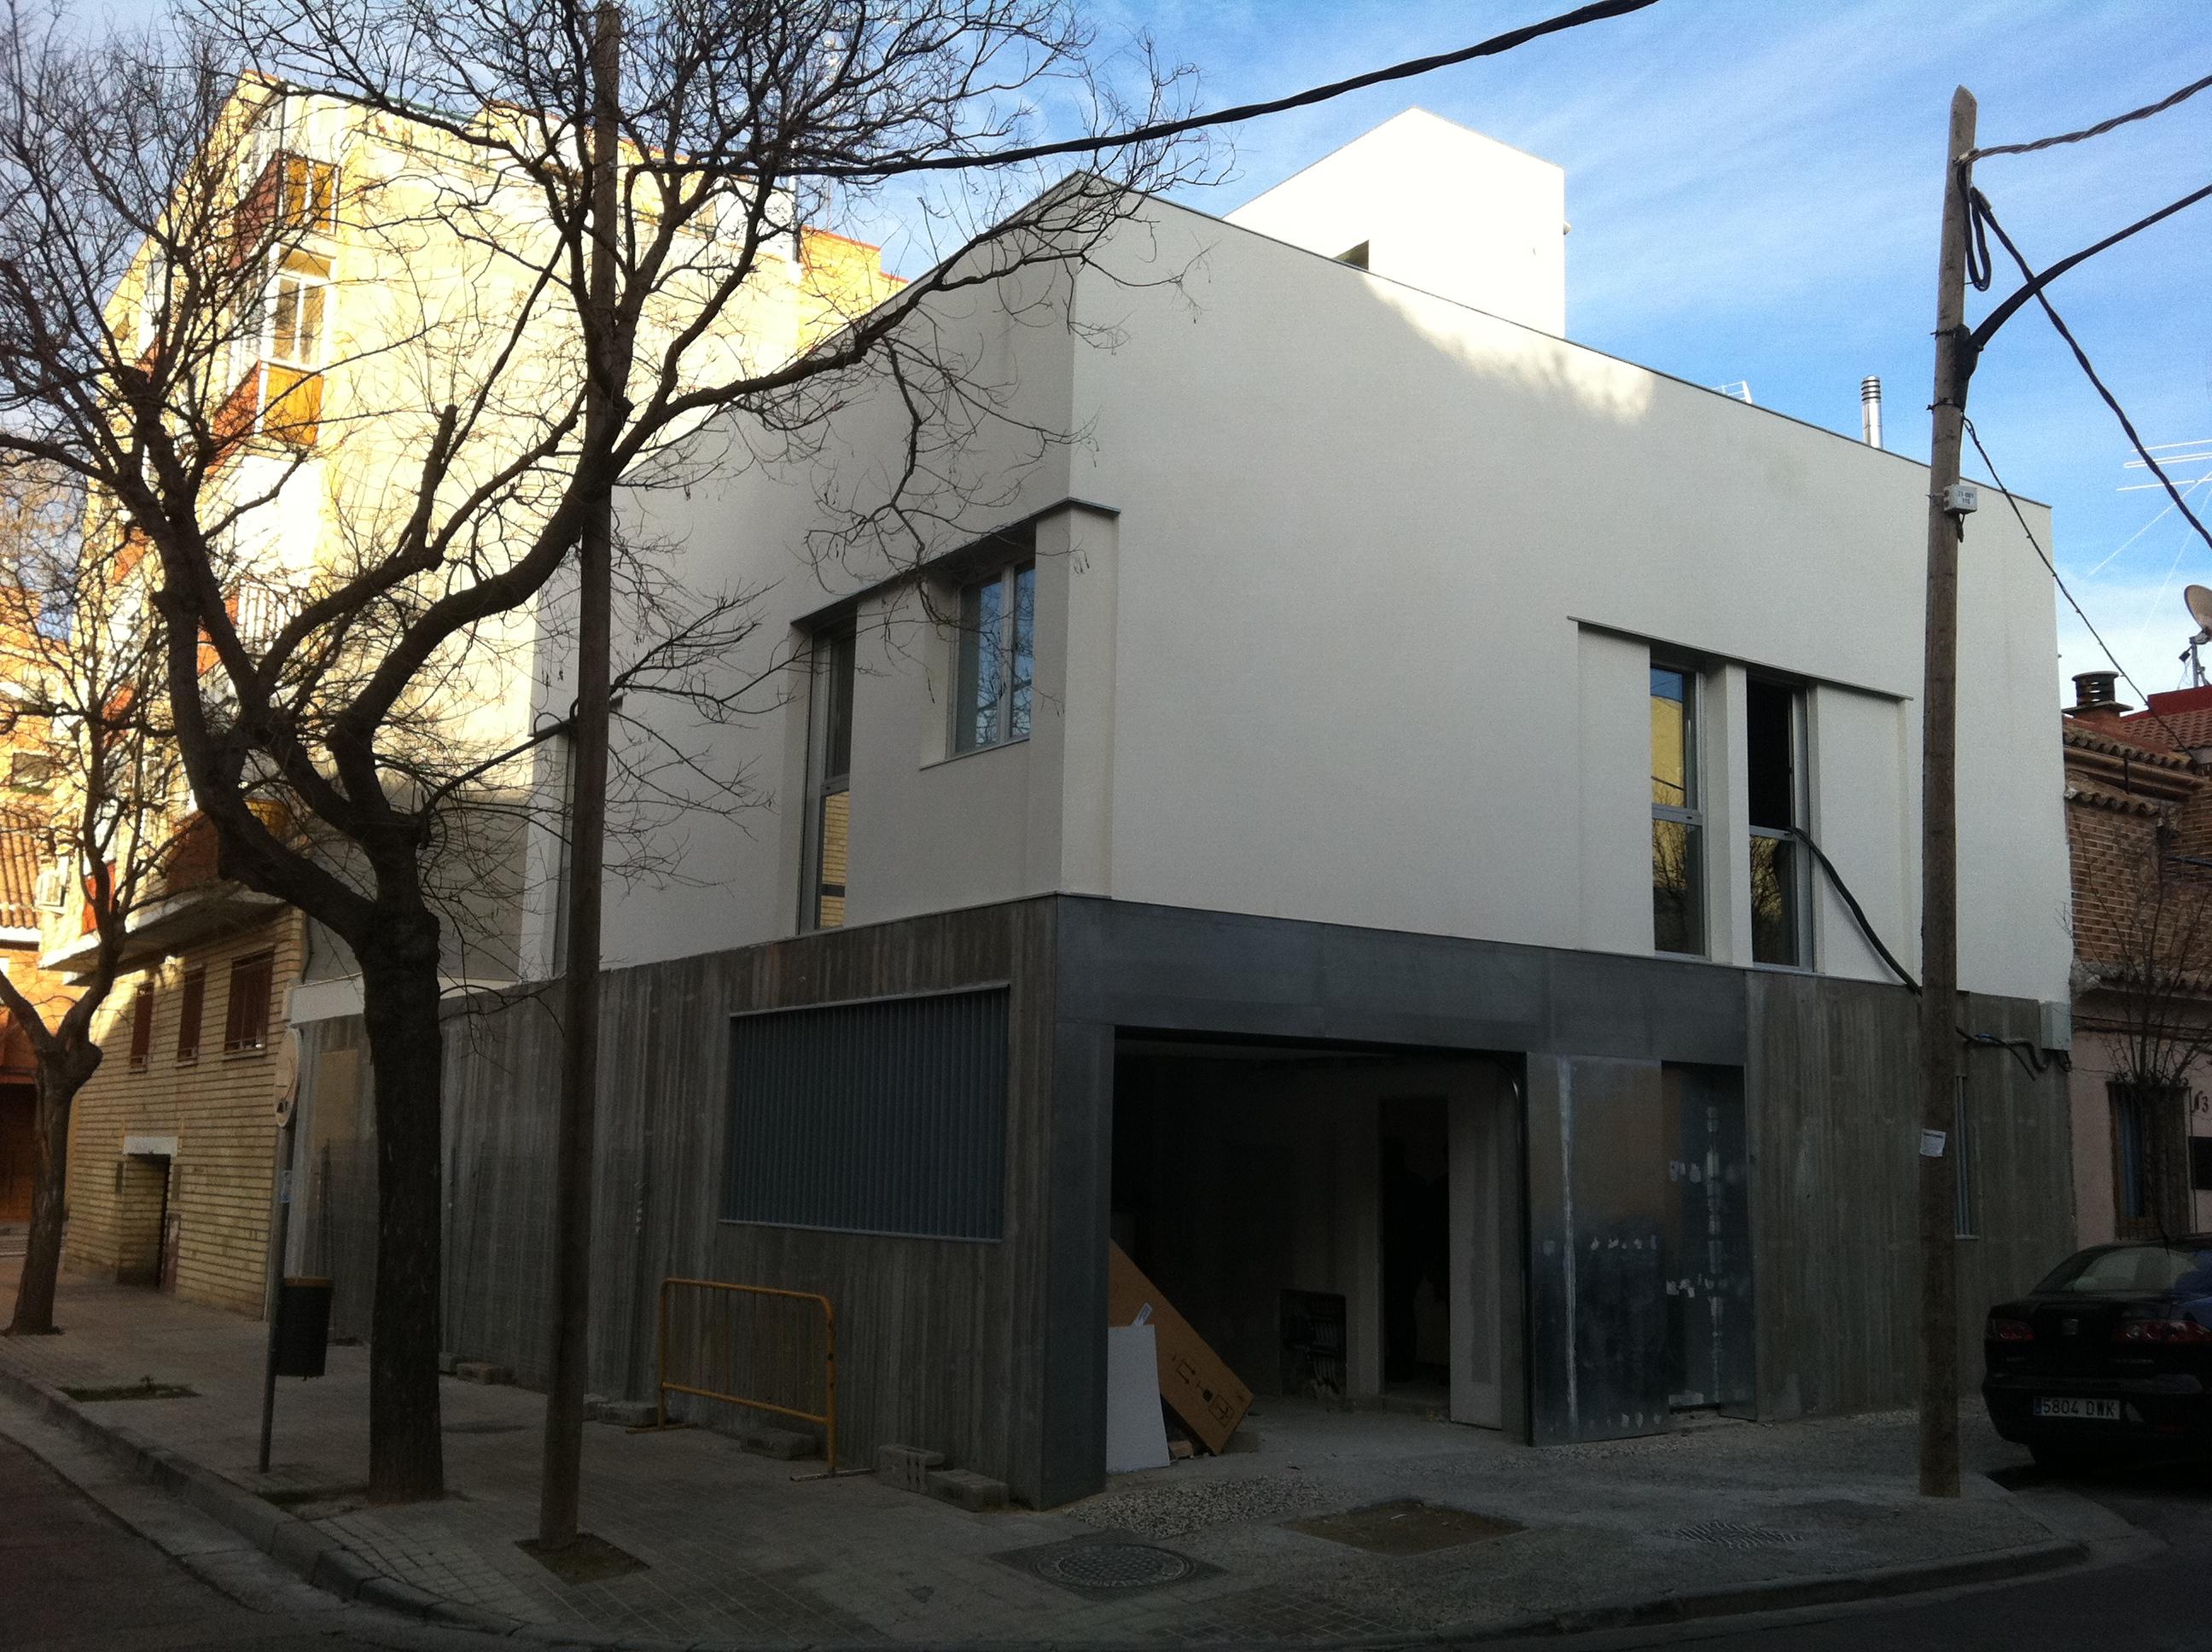 En construcci n vivienda unifamiliar en zaragoza iii - Construccion vivienda unifamiliar ...